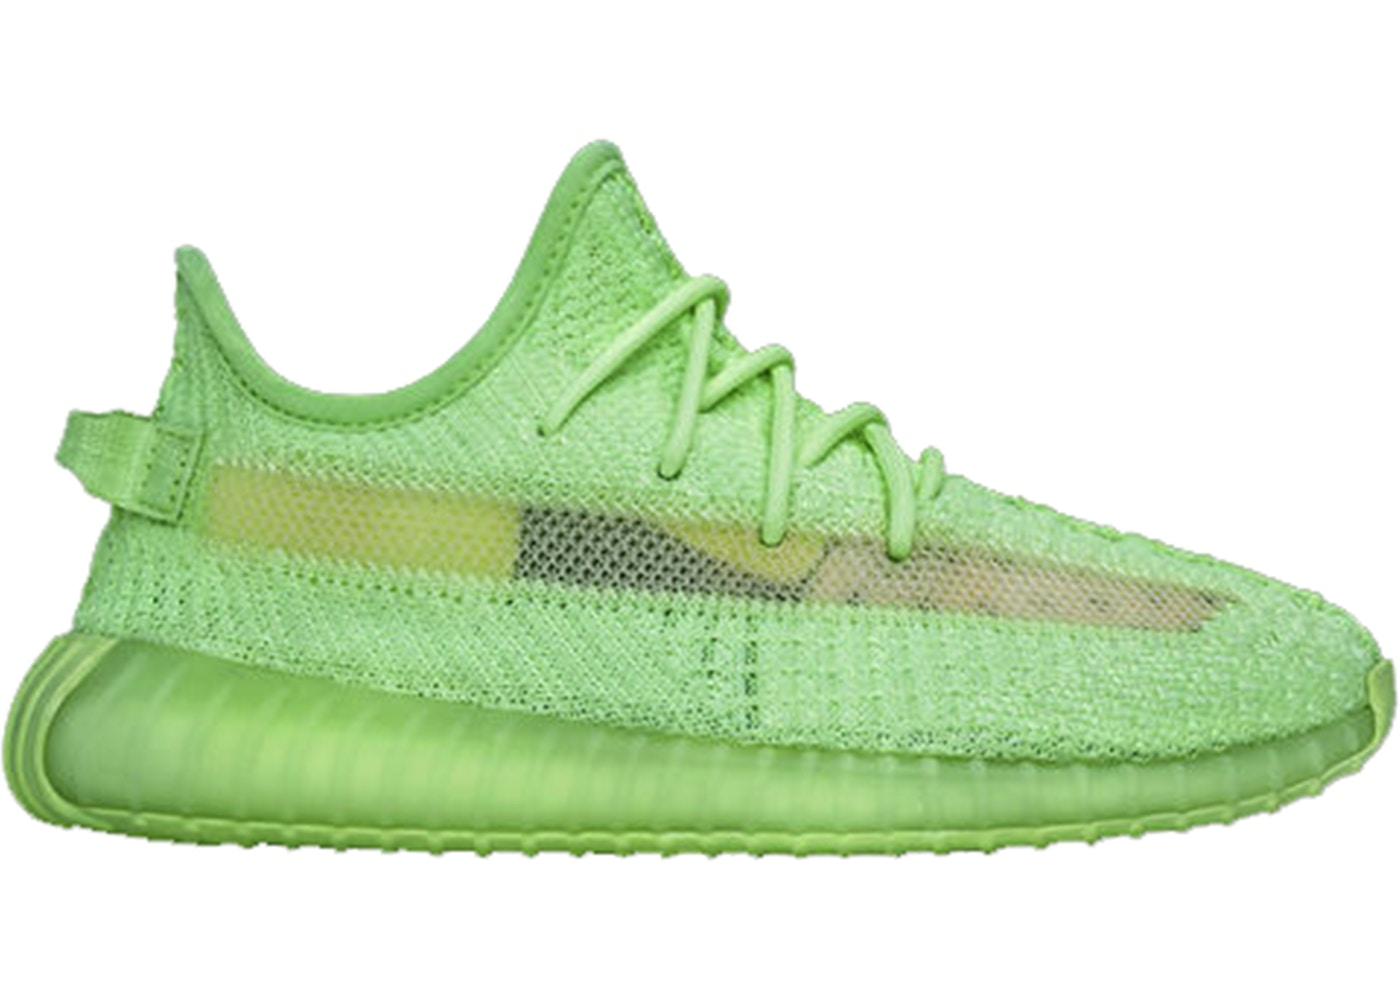 Yeezy V2 Glowkids Adidas Boost 350 34ScqRj5LA